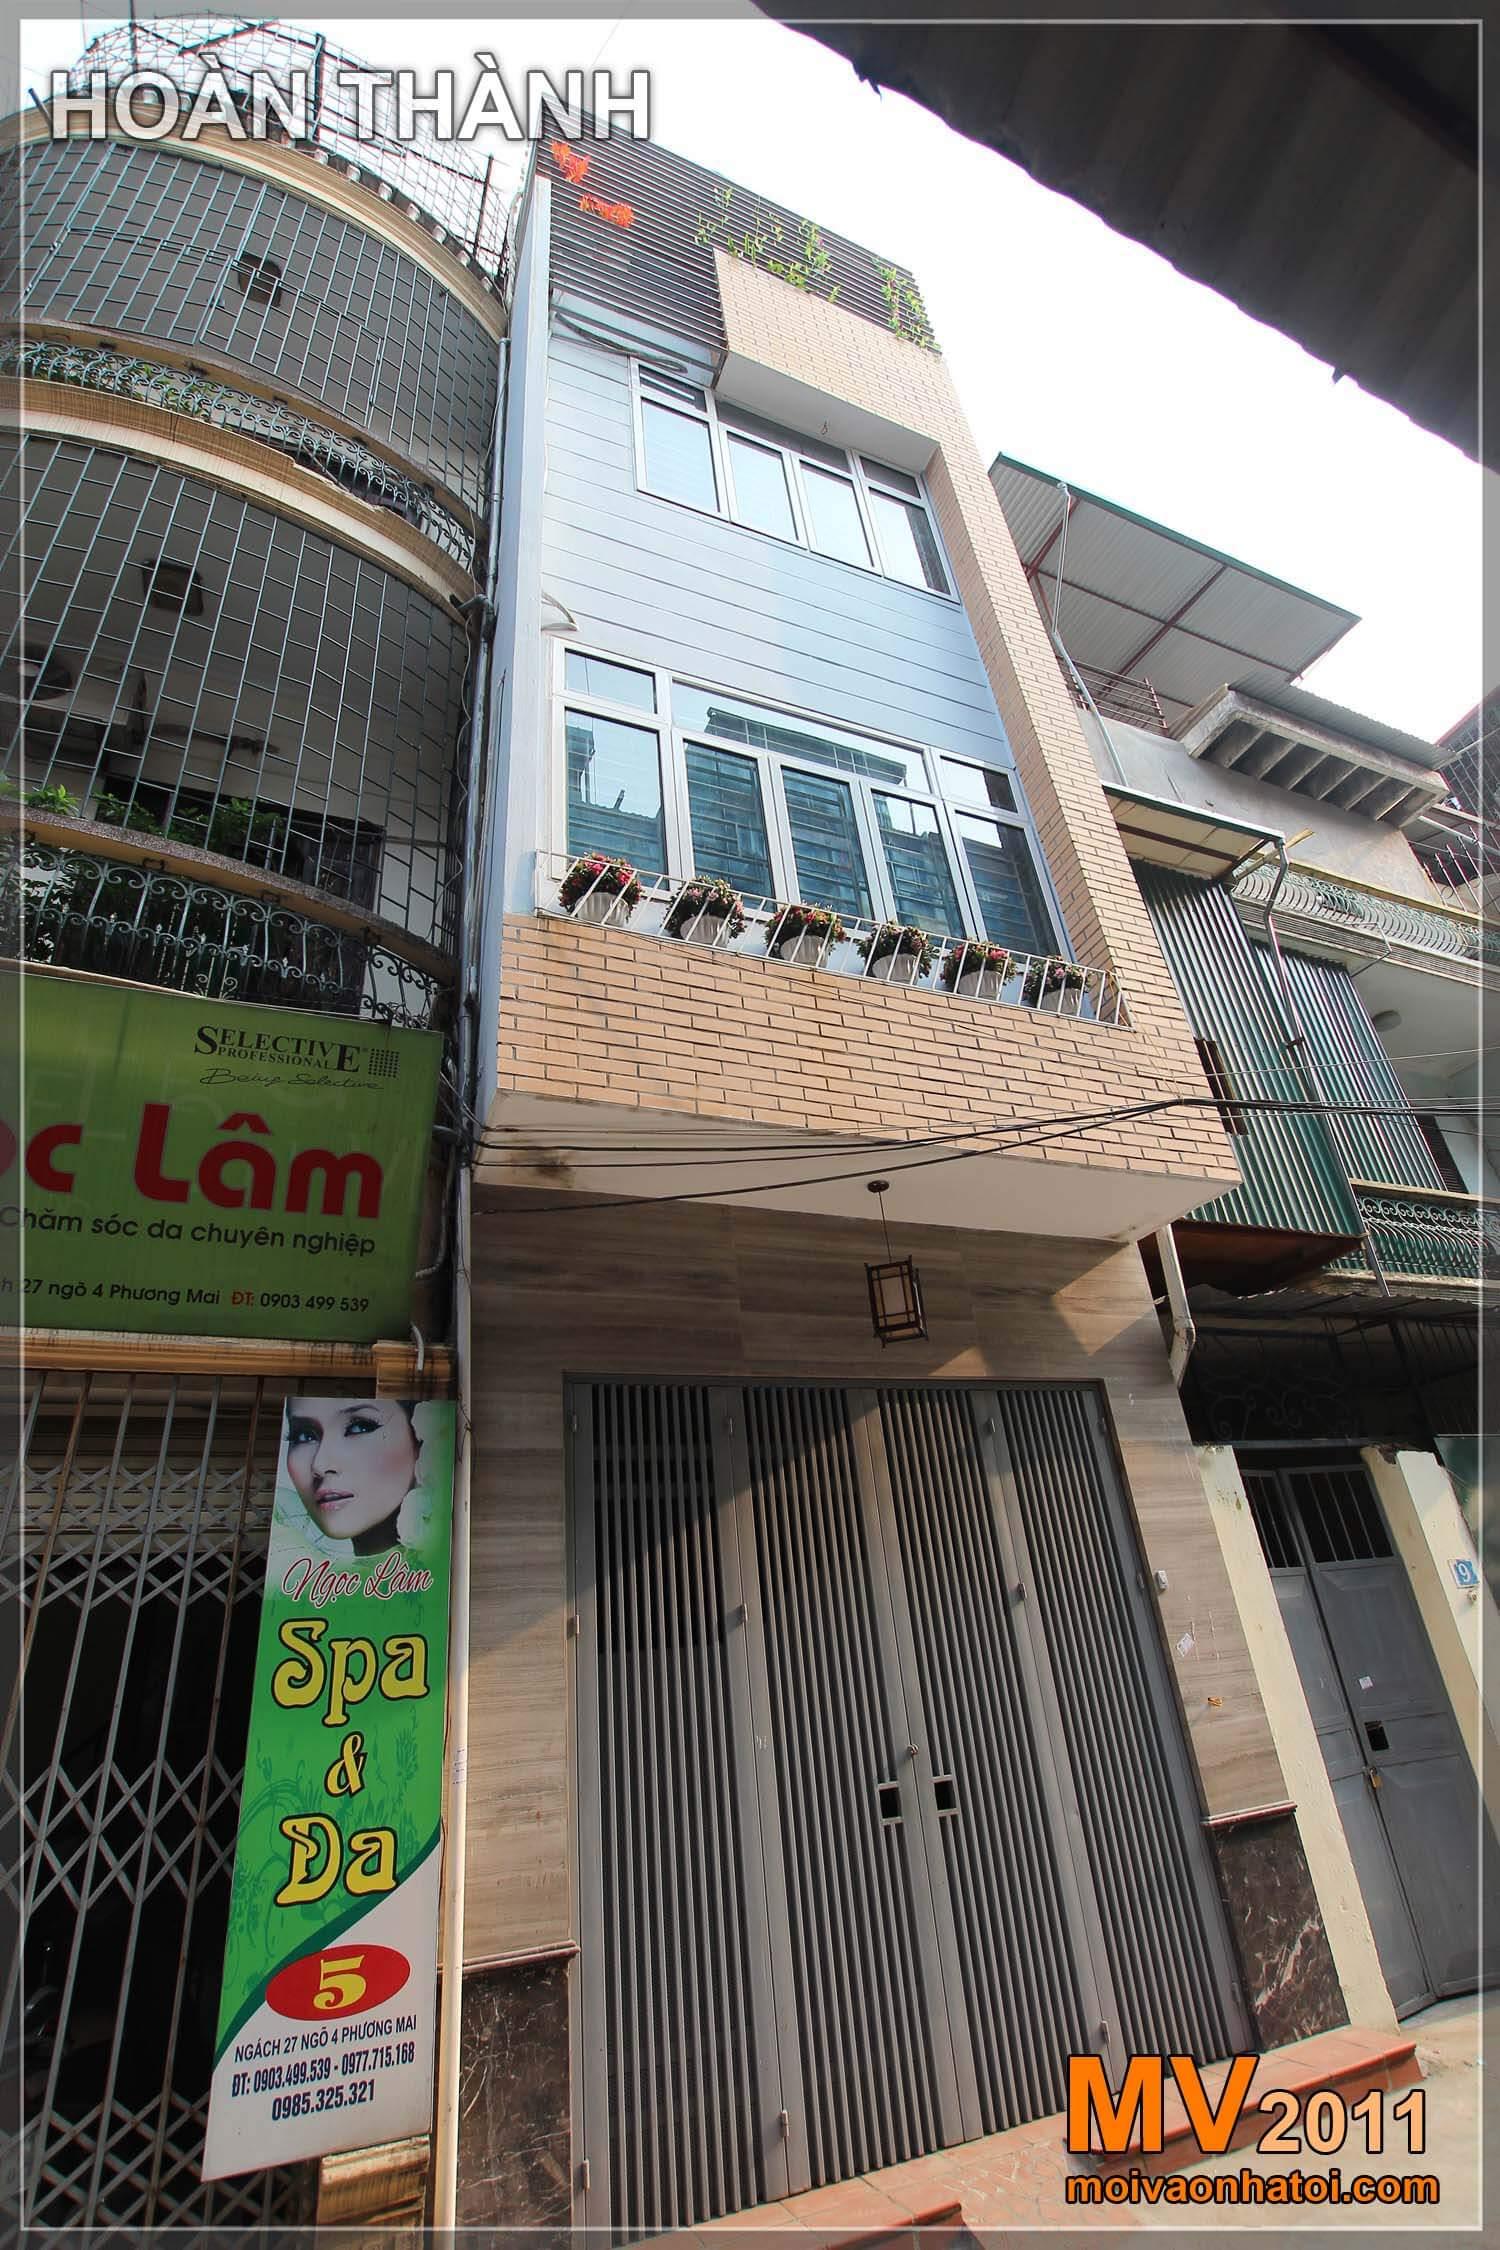 Nhà phố cũ và mới sửa